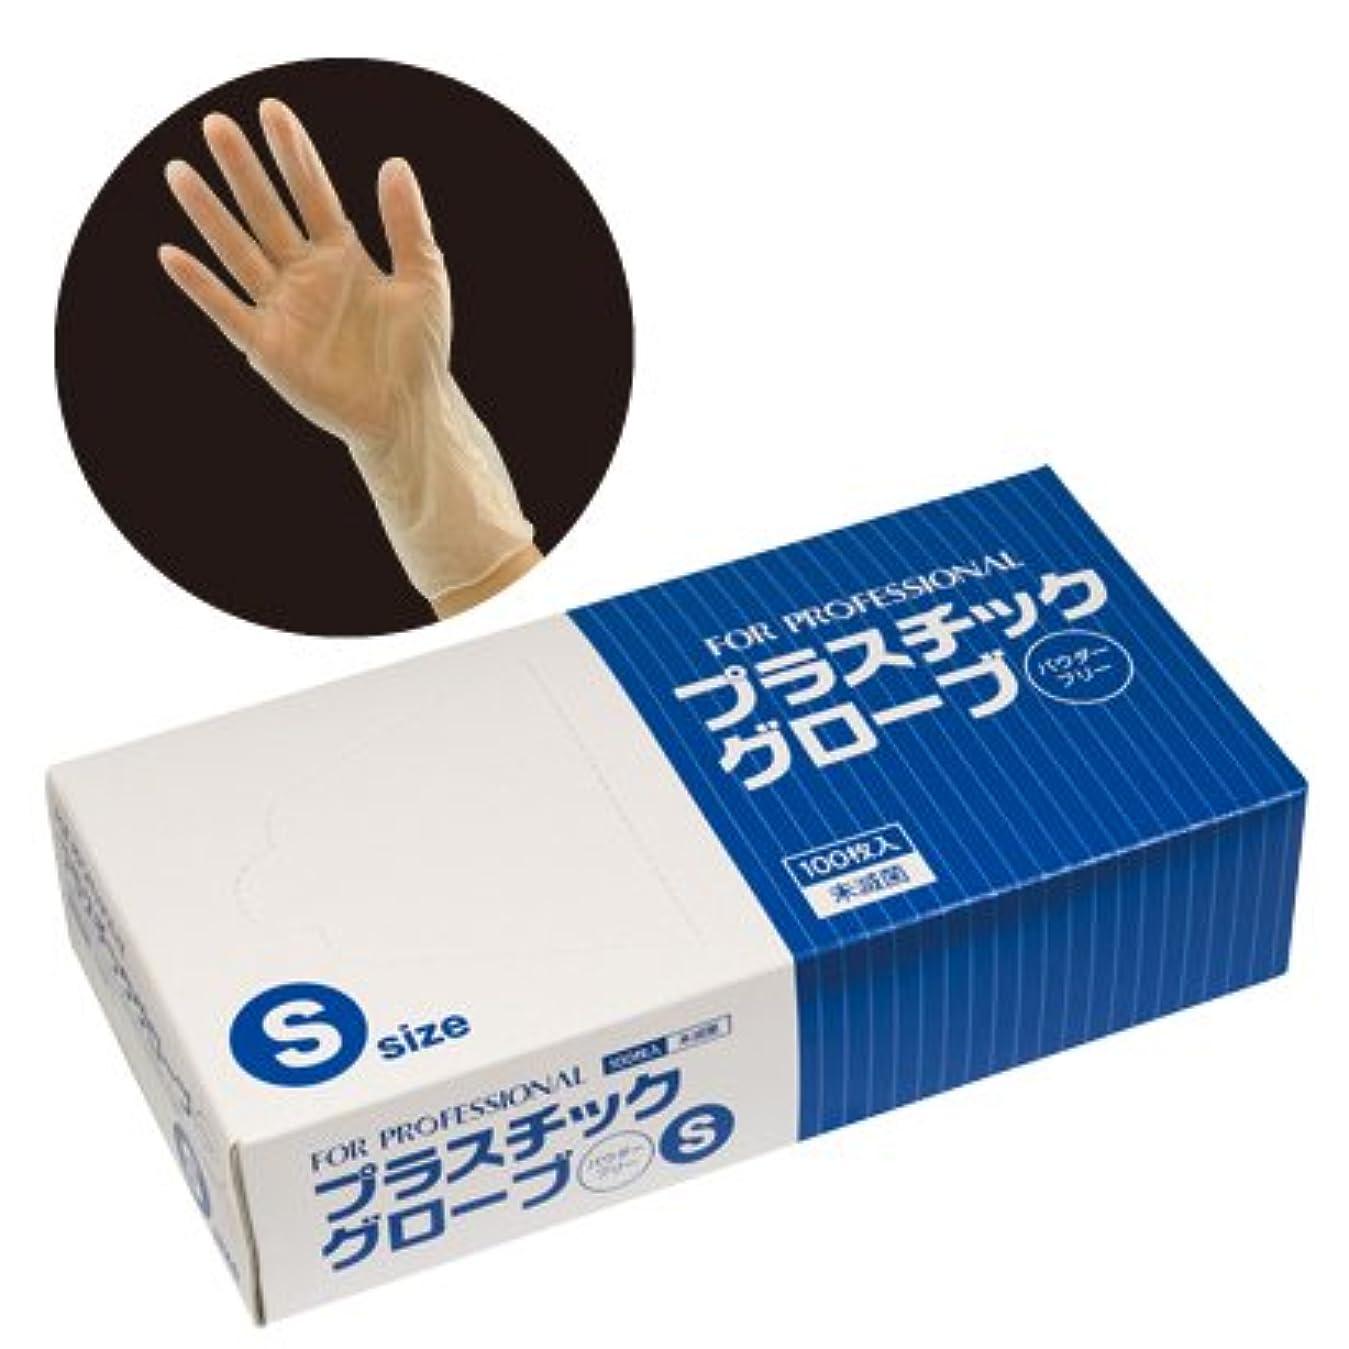 グレー休憩調停する【業務用】 FEED(フィード) プラスチックグローブ(手袋) パウダーフリー/S カートン(100枚入×10ケース) (作業用) (378円/1個あたり)